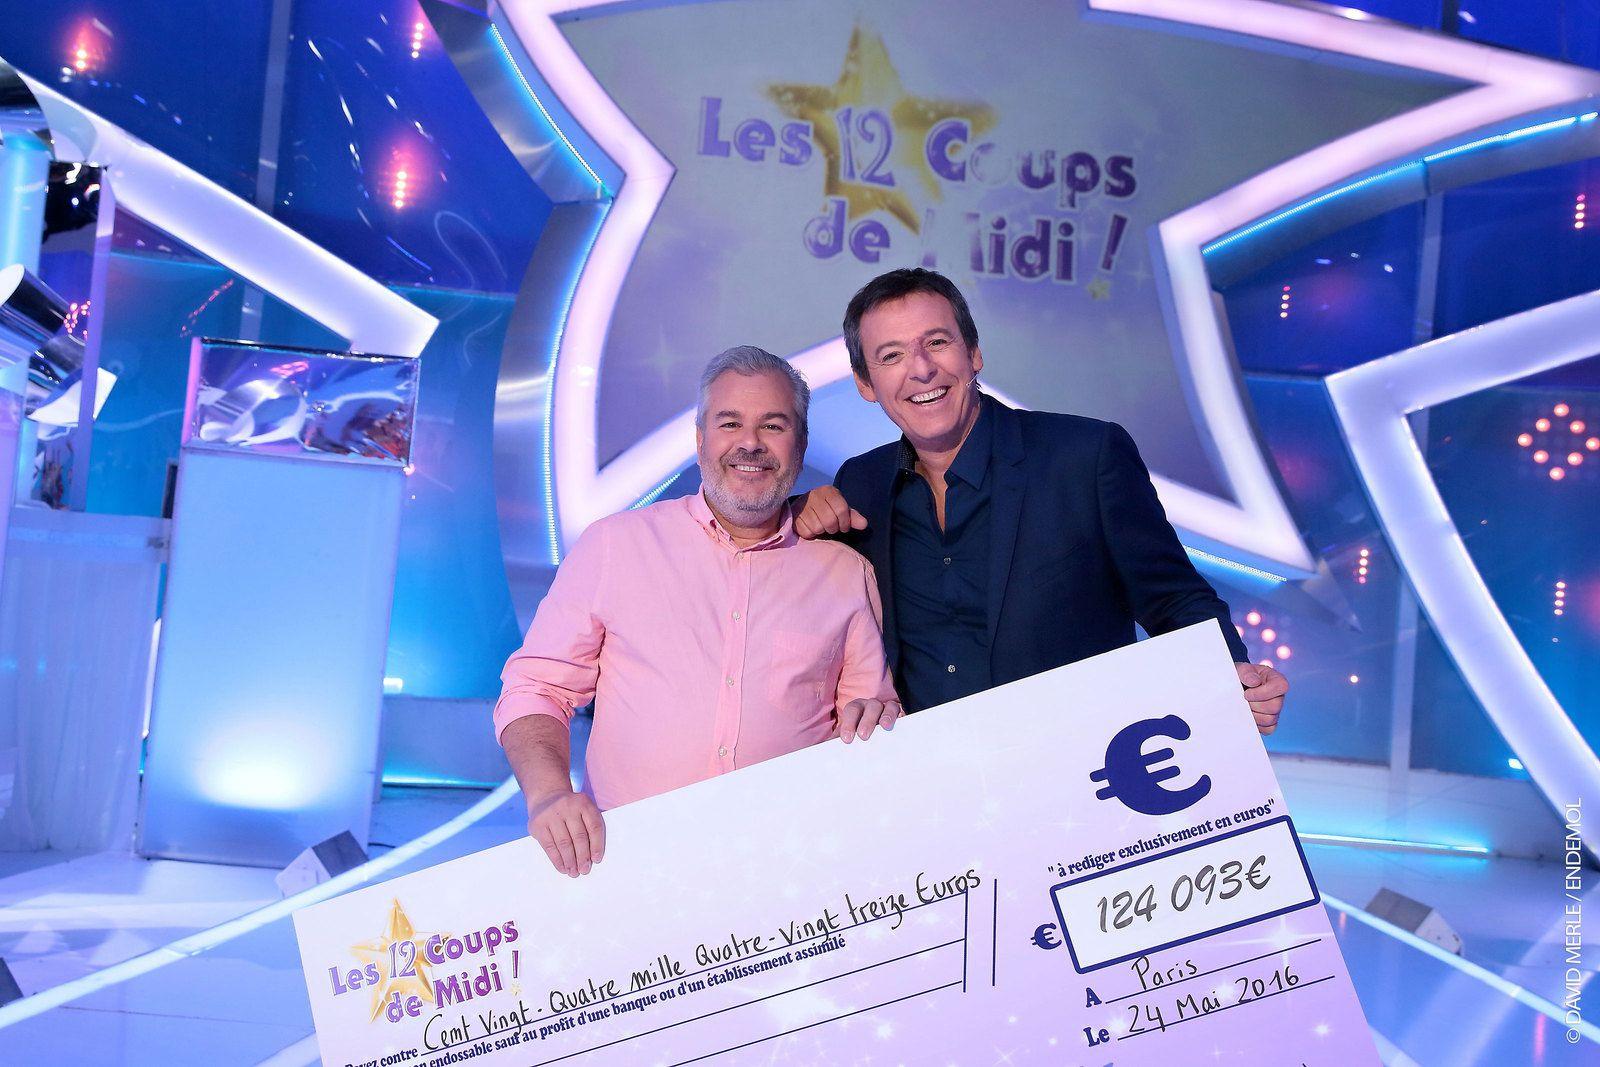 Les 12 coups de midi arnauld quitte le jeu avec plus de 124 000 euros de gains newstele - Les 12 coups de midi jeu en ligne ...